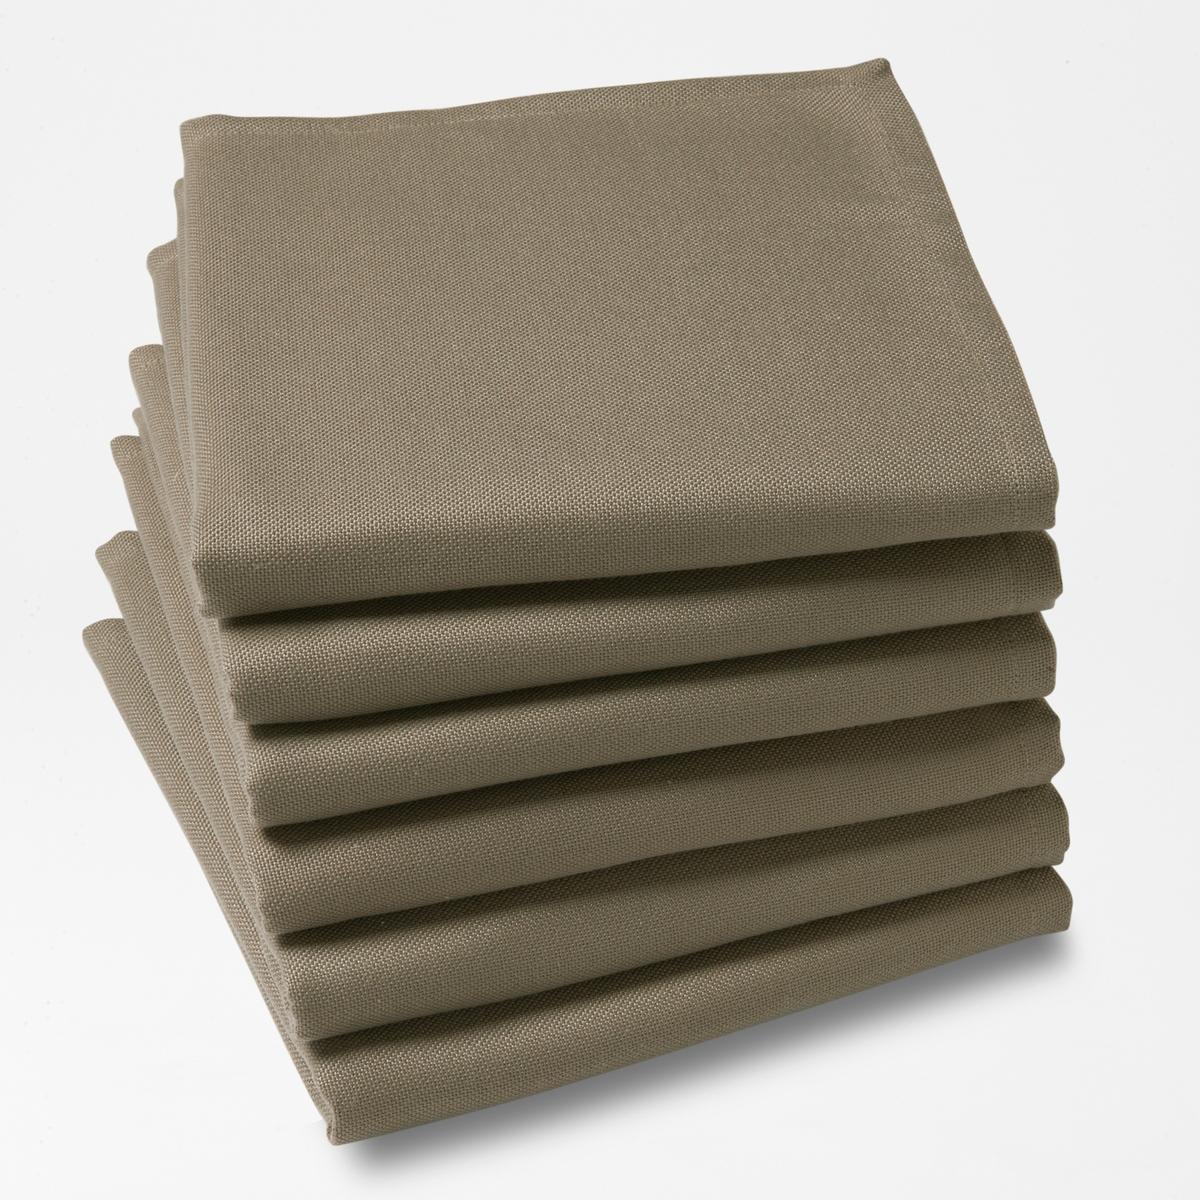 6 салфетокКомплект из 6 однотонных столовых салфеток из 100% полиэстера с покрытием от пятен. Легкость ухода, глажение не требуется.Характеристики столовых салфеток:100% полиэстера.Покрытие от пятен.Подшитые края. Стирать при 40°.Размер. 45 x 45 см.Знак Oeko-Tex® гарантирует, что товары протестированы и сертифицированы, не содержат вредных веществ, которые могли бы нанести вред здоровью.<br><br>Цвет: белый,светло-серый,серо-коричневый каштан,серый,сине-зеленый<br>Размер: 45 x 45  см.45 x 45  см.45 x 45  см.45 x 45  см.45 x 45  см